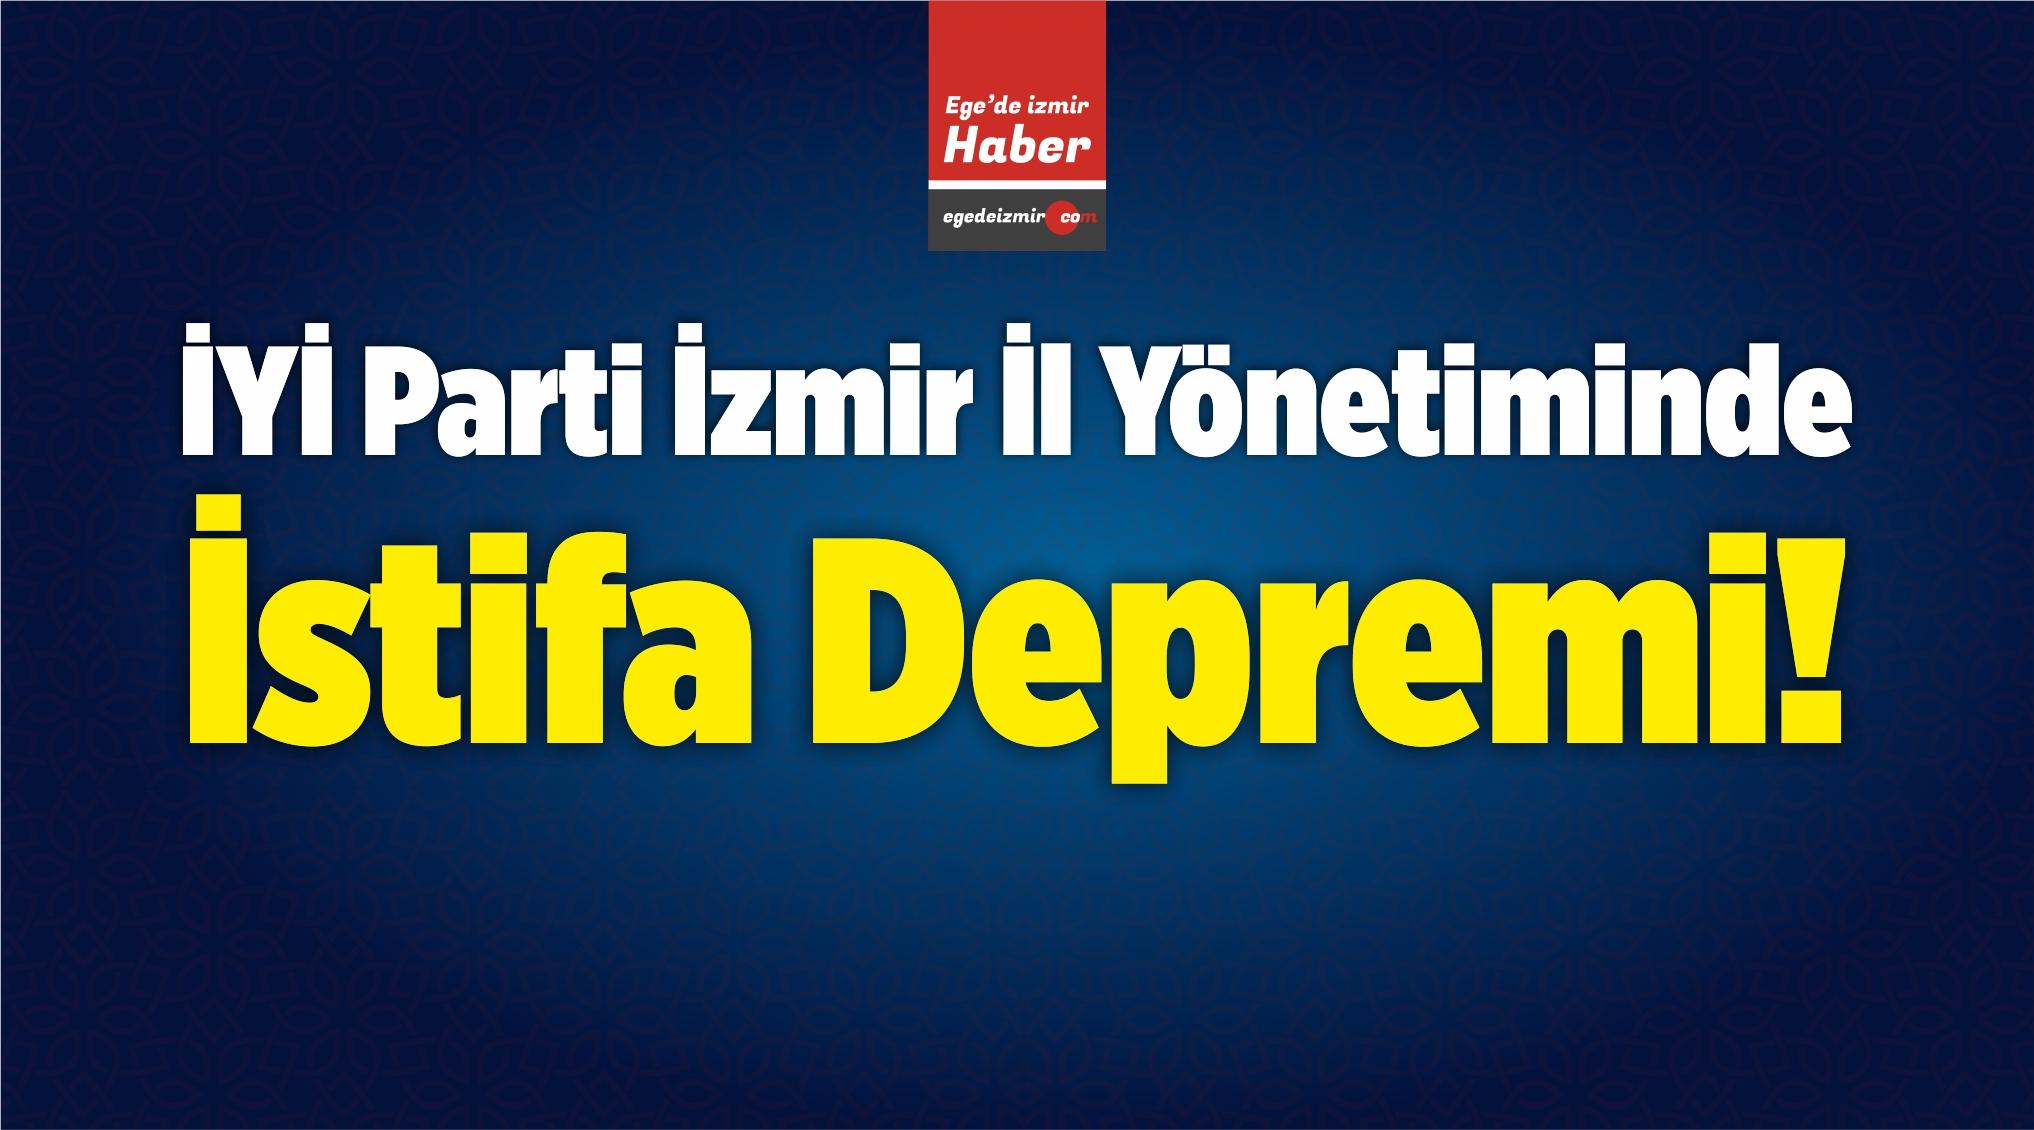 İYİ Parti İzmir İl Yönetiminde İstifa Depremi!